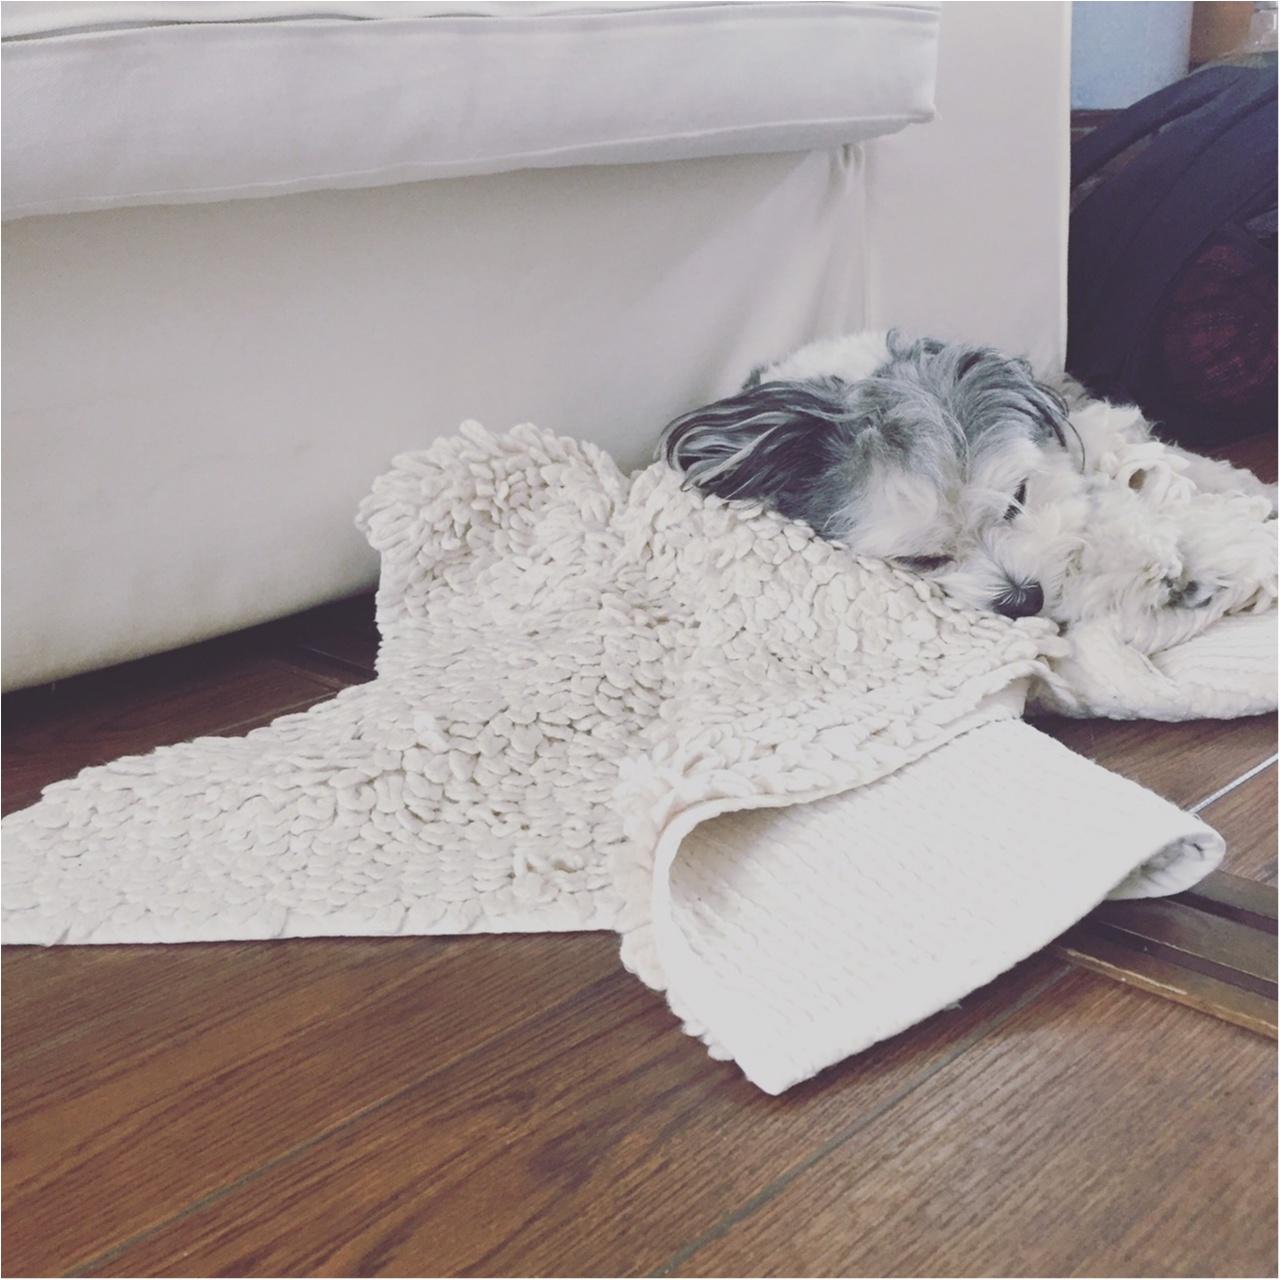 【今日のわんこ】ベッドより快適!? 〇〇の上で寝るのが好きな太郎くん_1